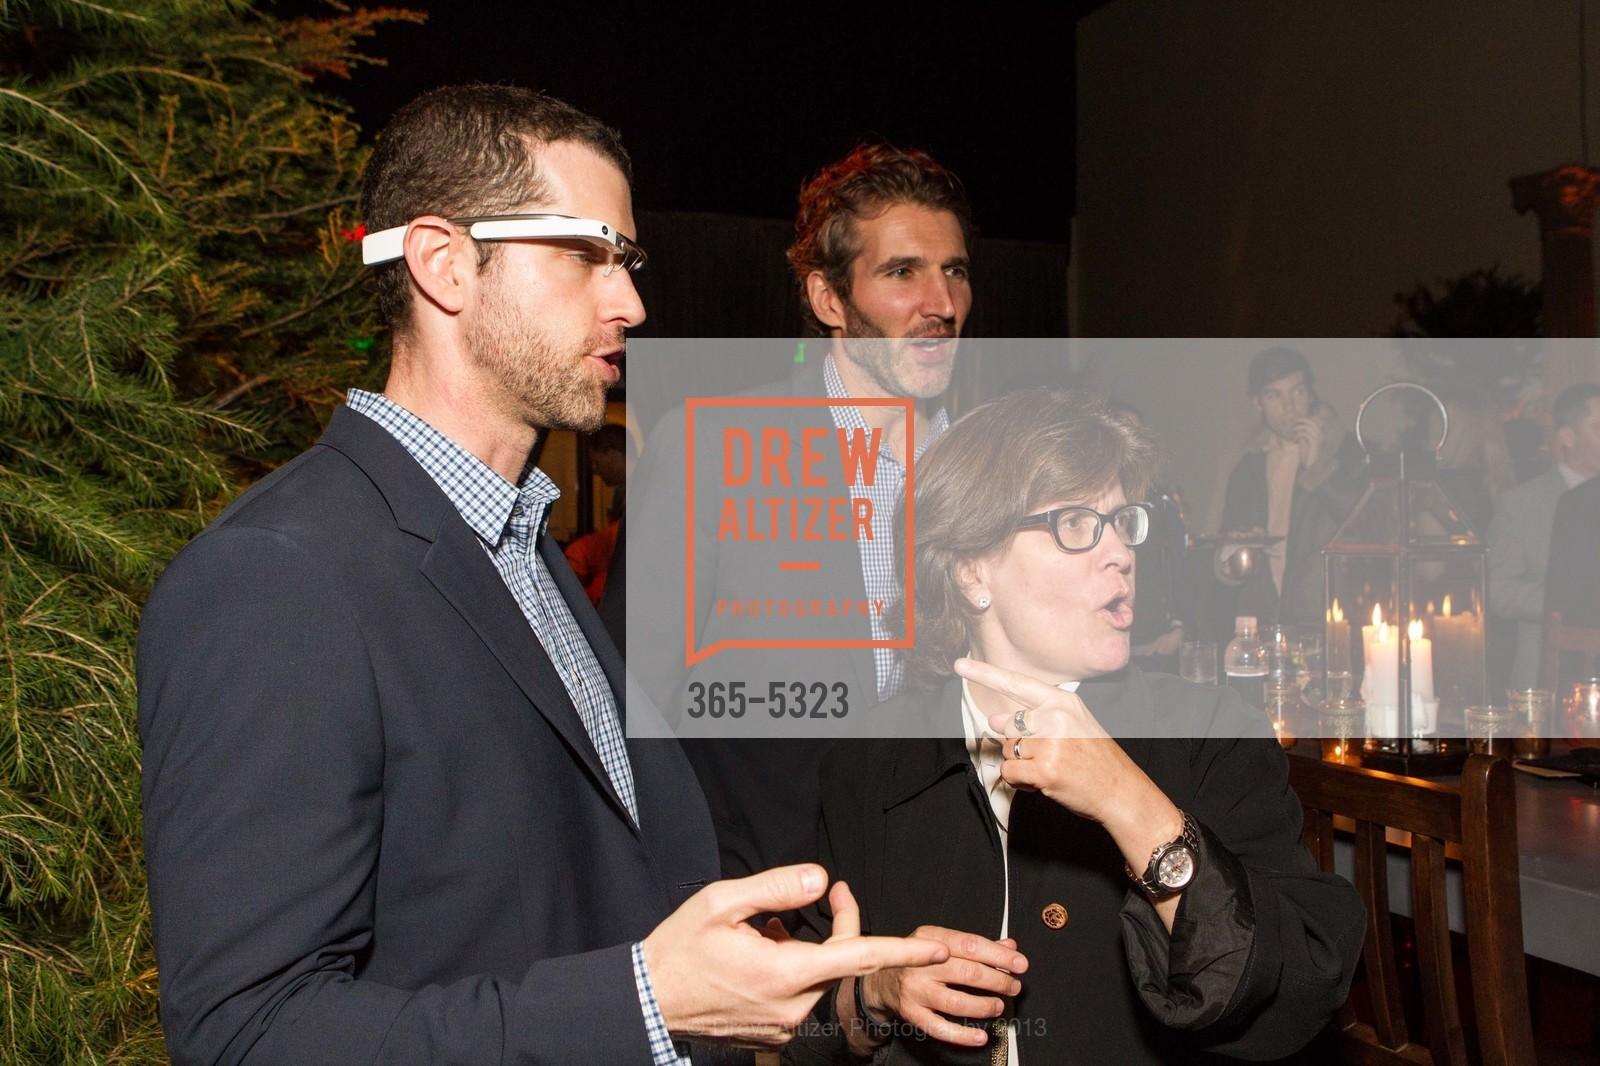 D.B. Weiss, David Benioff, Kara Swisher, Photo #365-5323